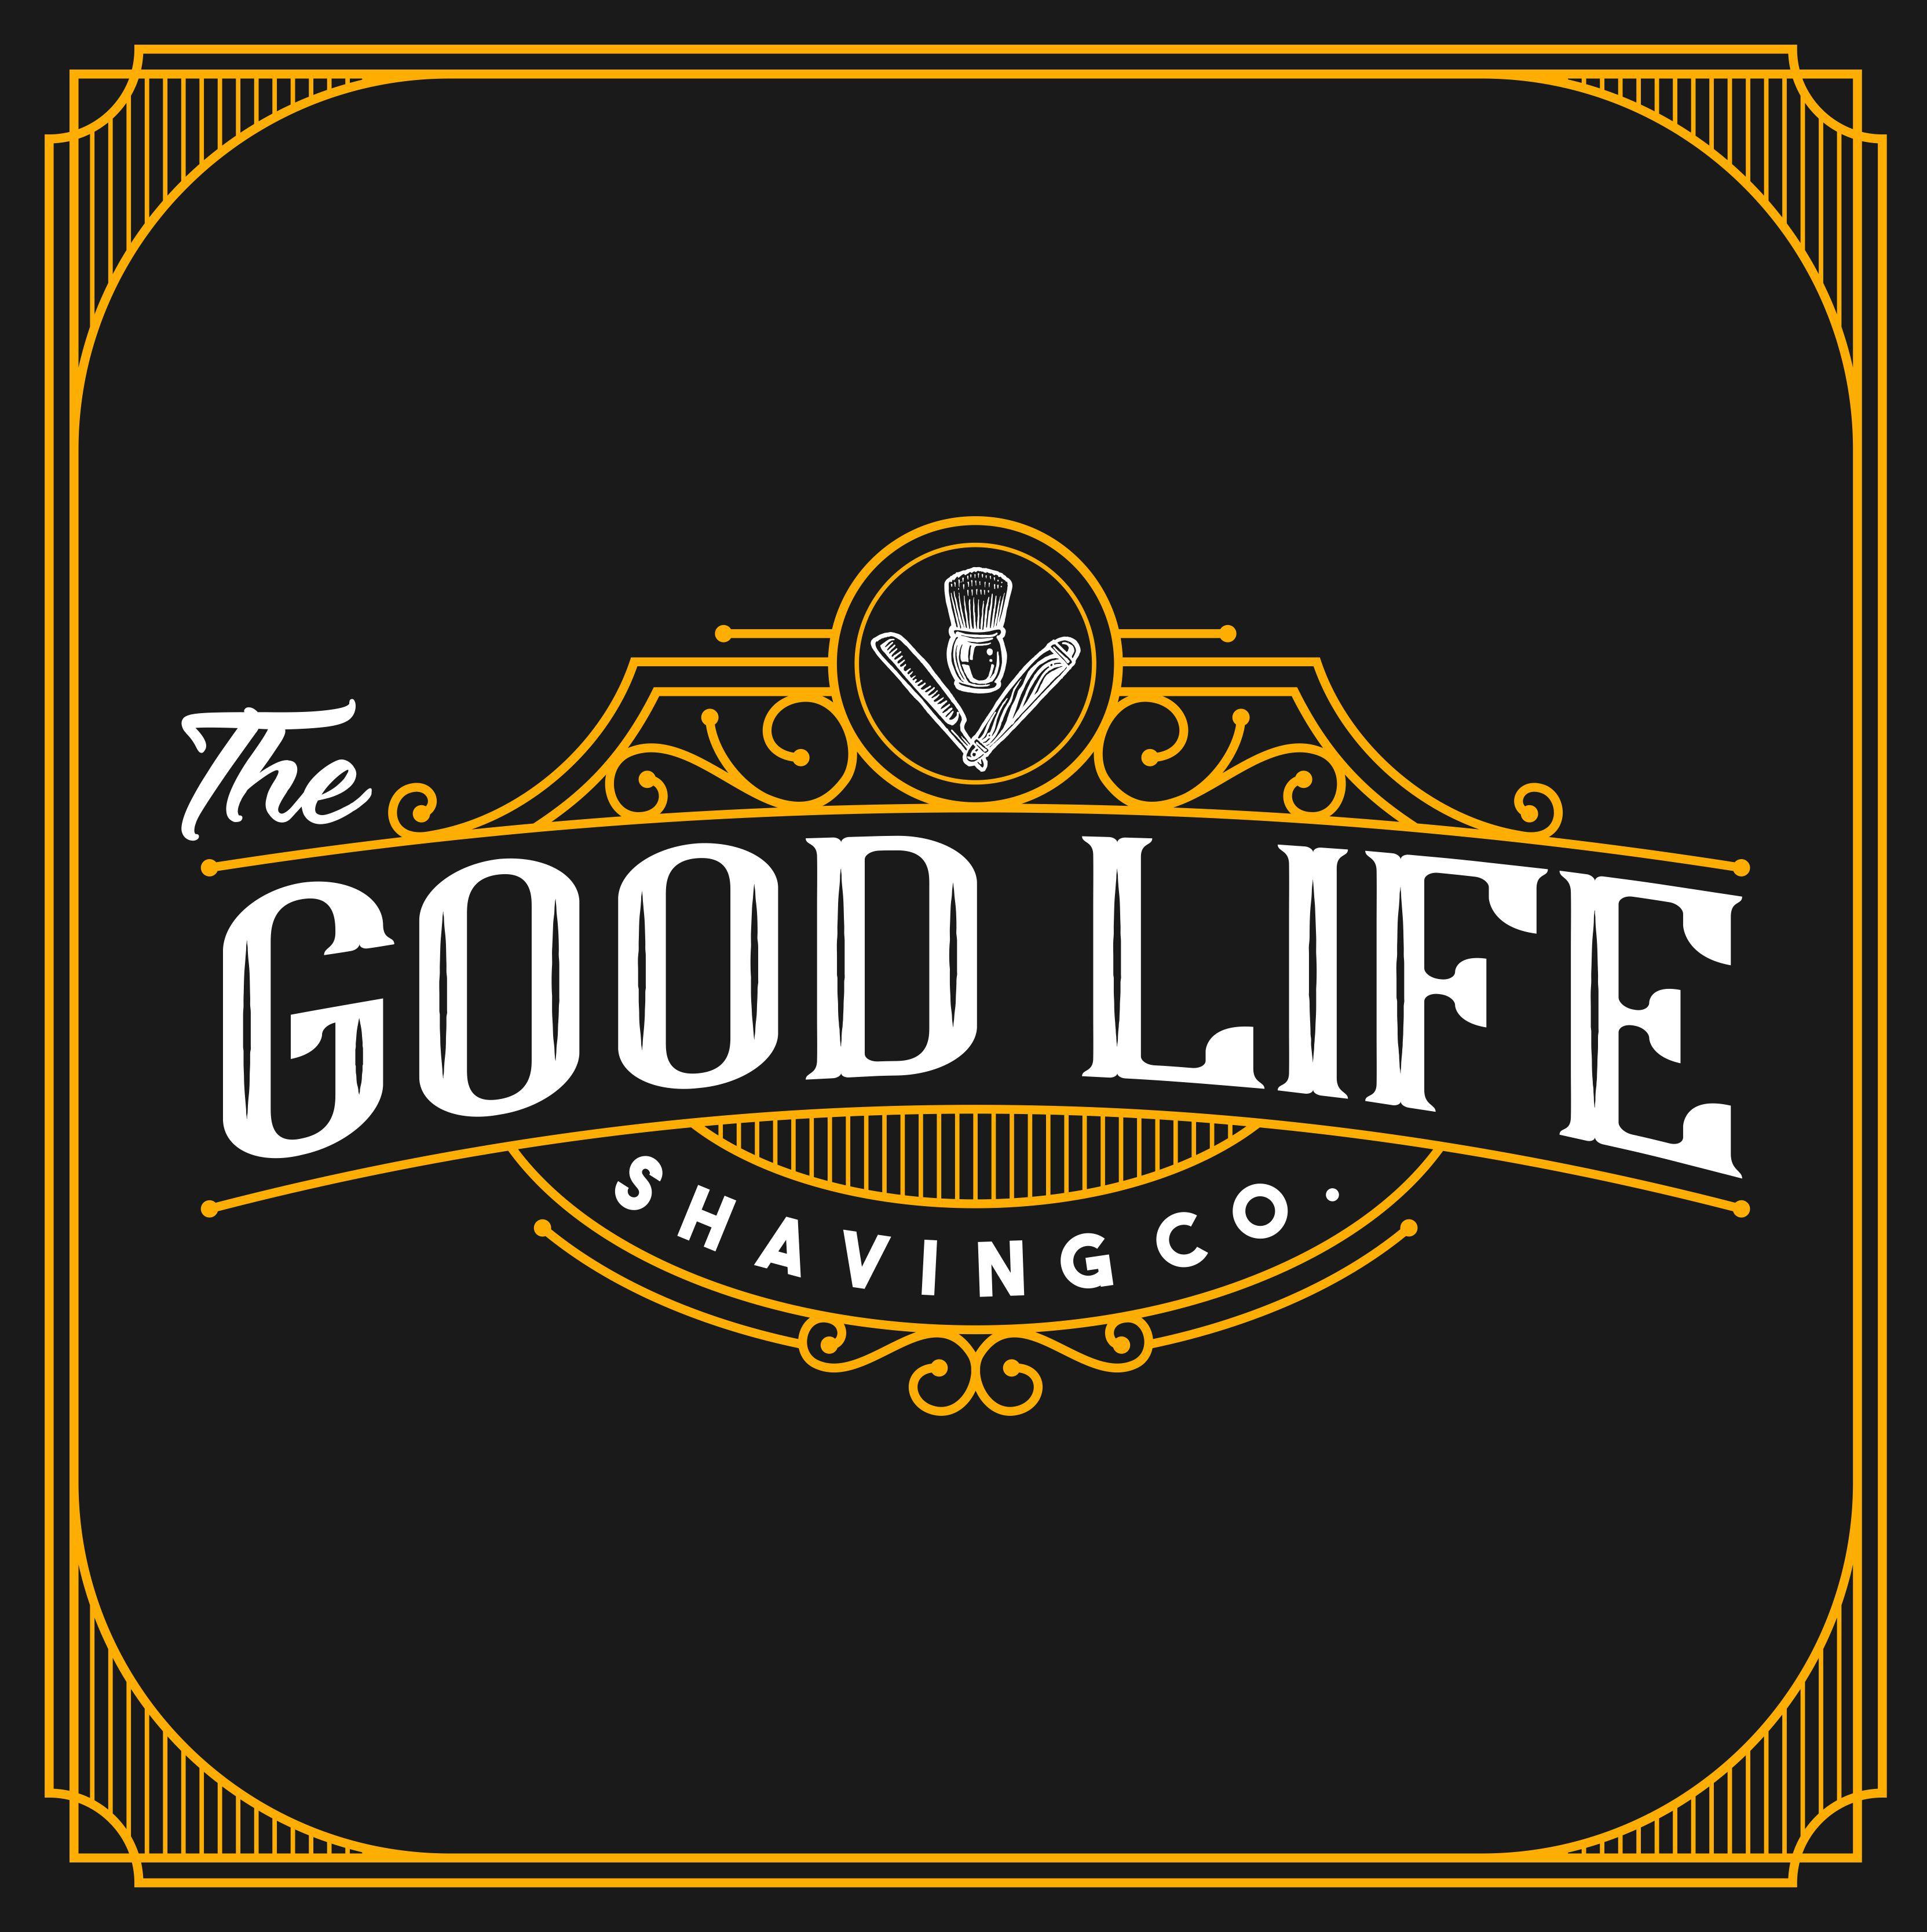 The Good Life Shaving Company